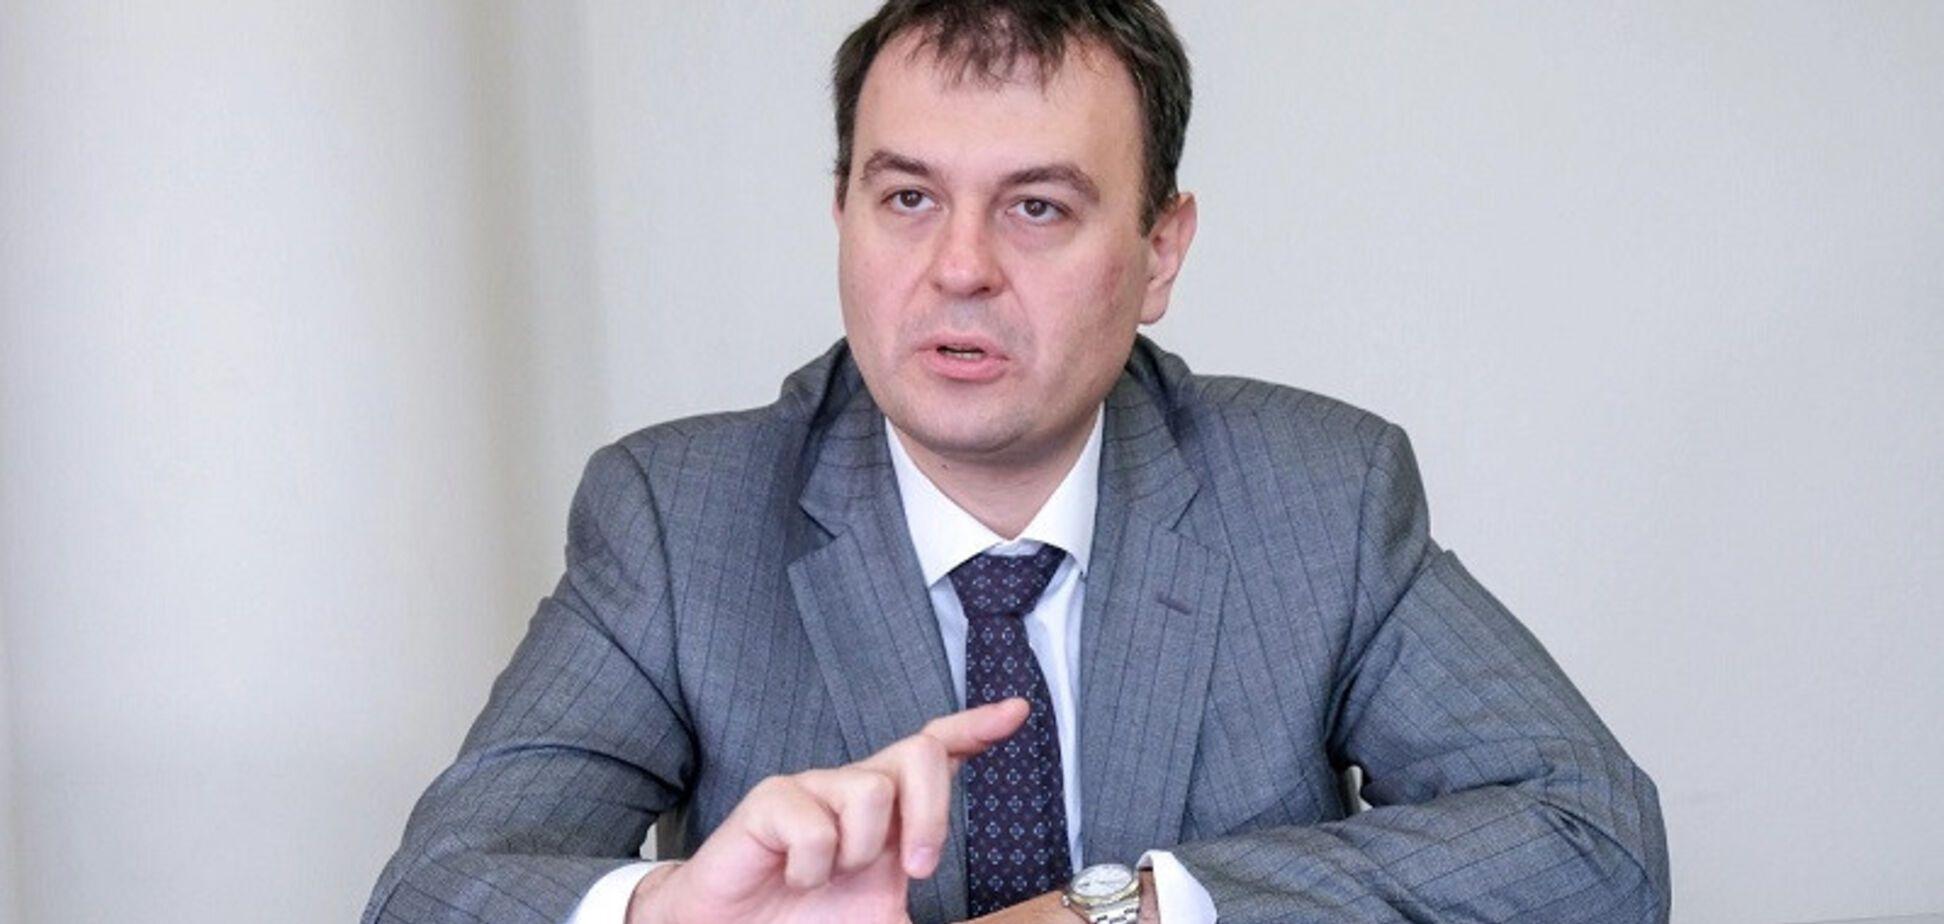 Гетманцев требует от украинцев занести все накопления в банк и заплатить новый налог